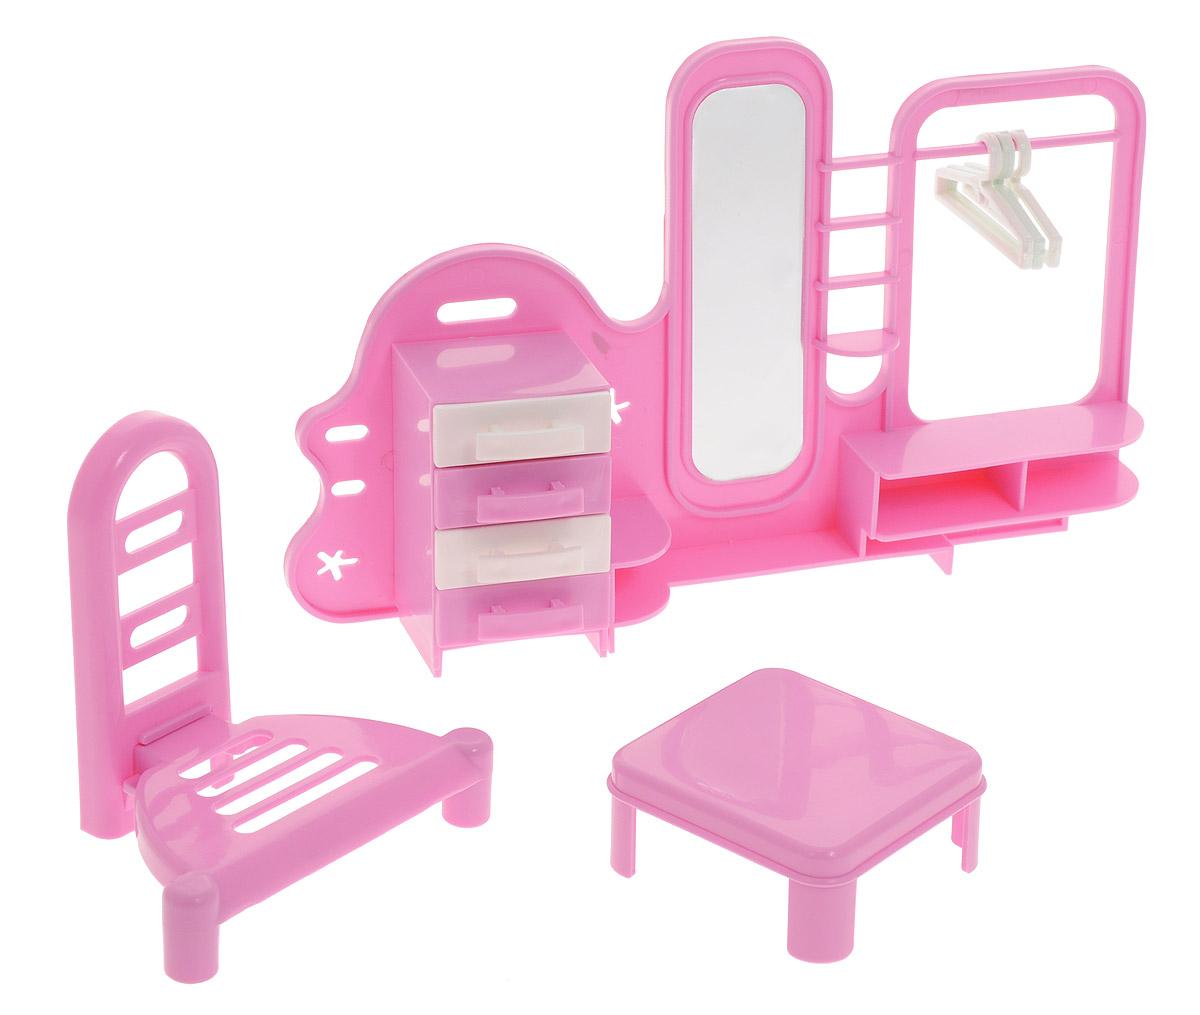 Форма Набор мебели для кукол Прихожая набор мебели для прихожей пикассо 4